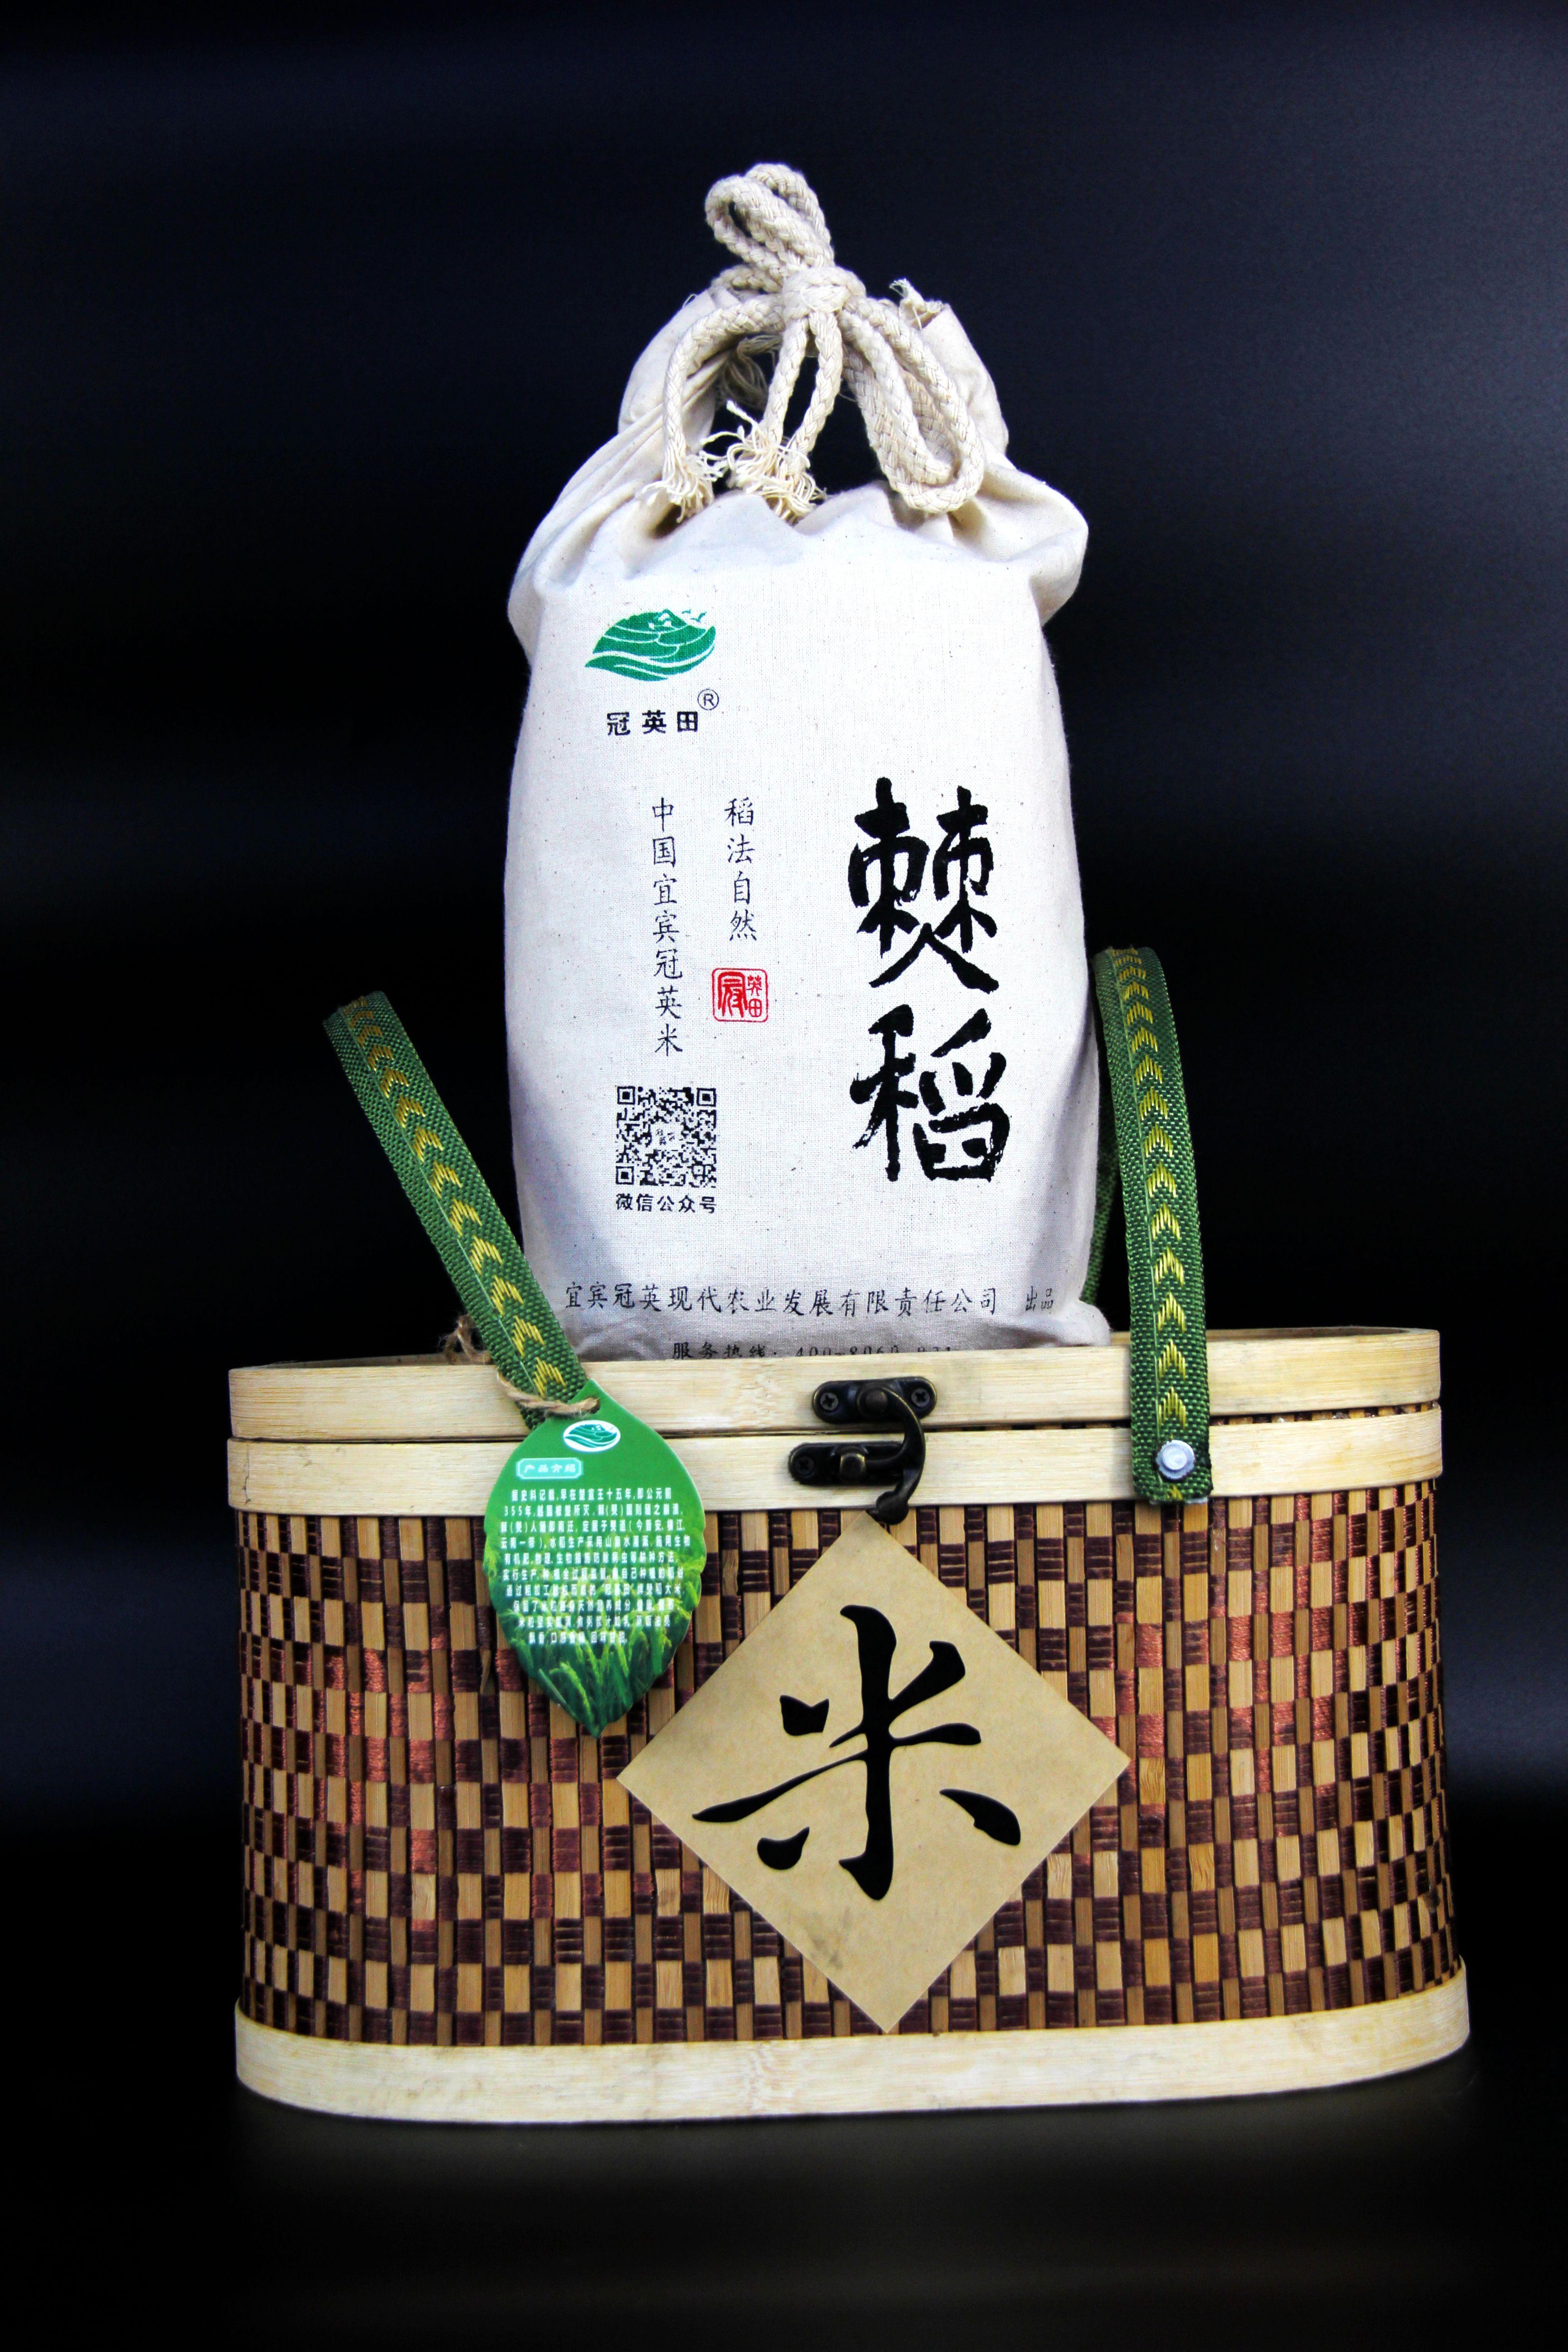 包邮2.5kg僰稻富硒有机大米